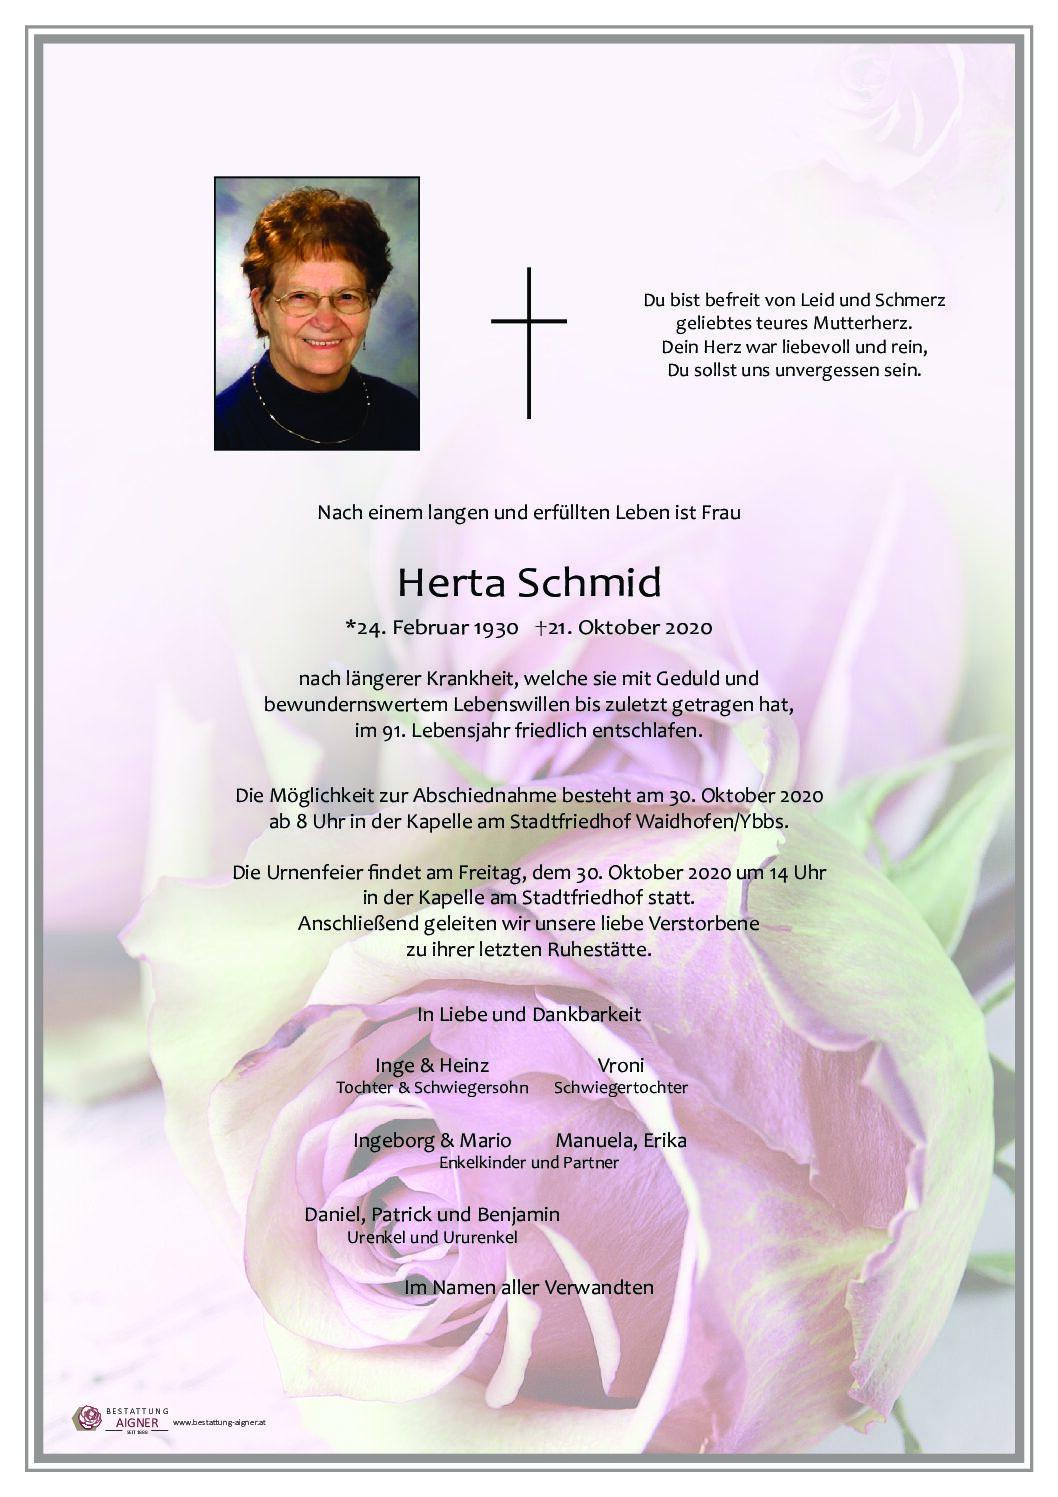 Herta Schmid